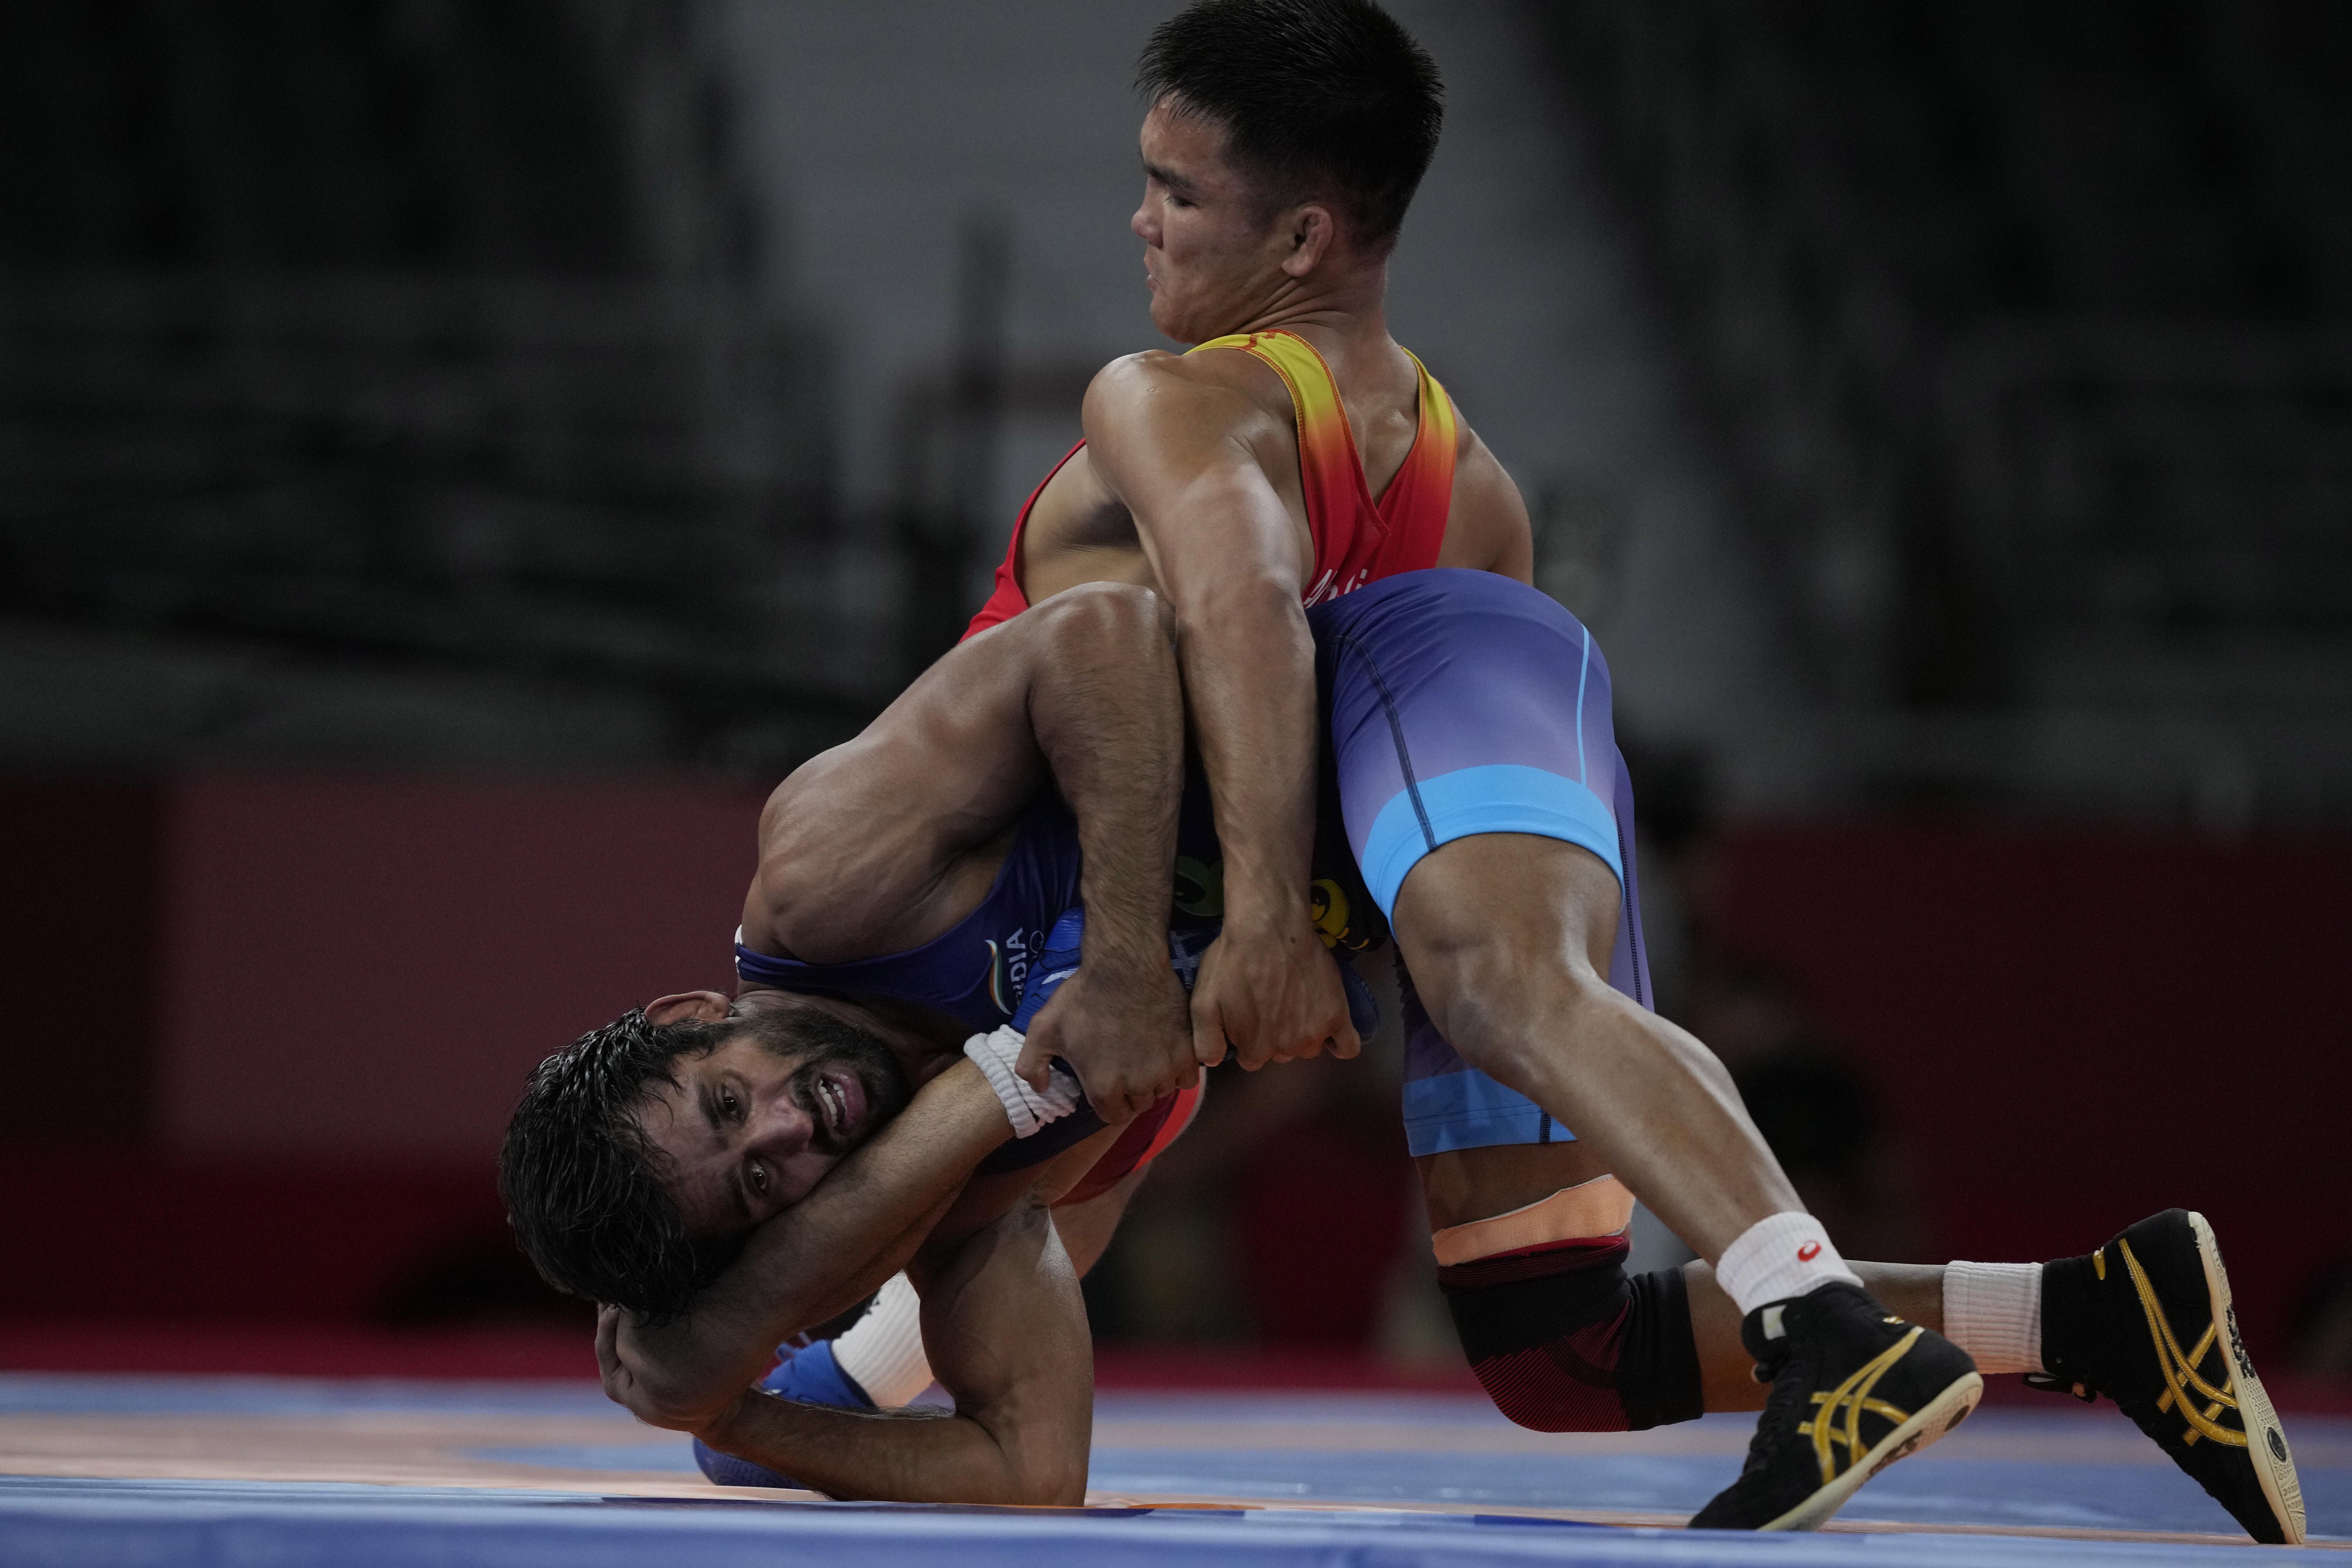 प्री-क्वार्टर फाइनल में बजरंग ने किर्गिस्तान के एर्नाजर अकमातालिवे को हराया।